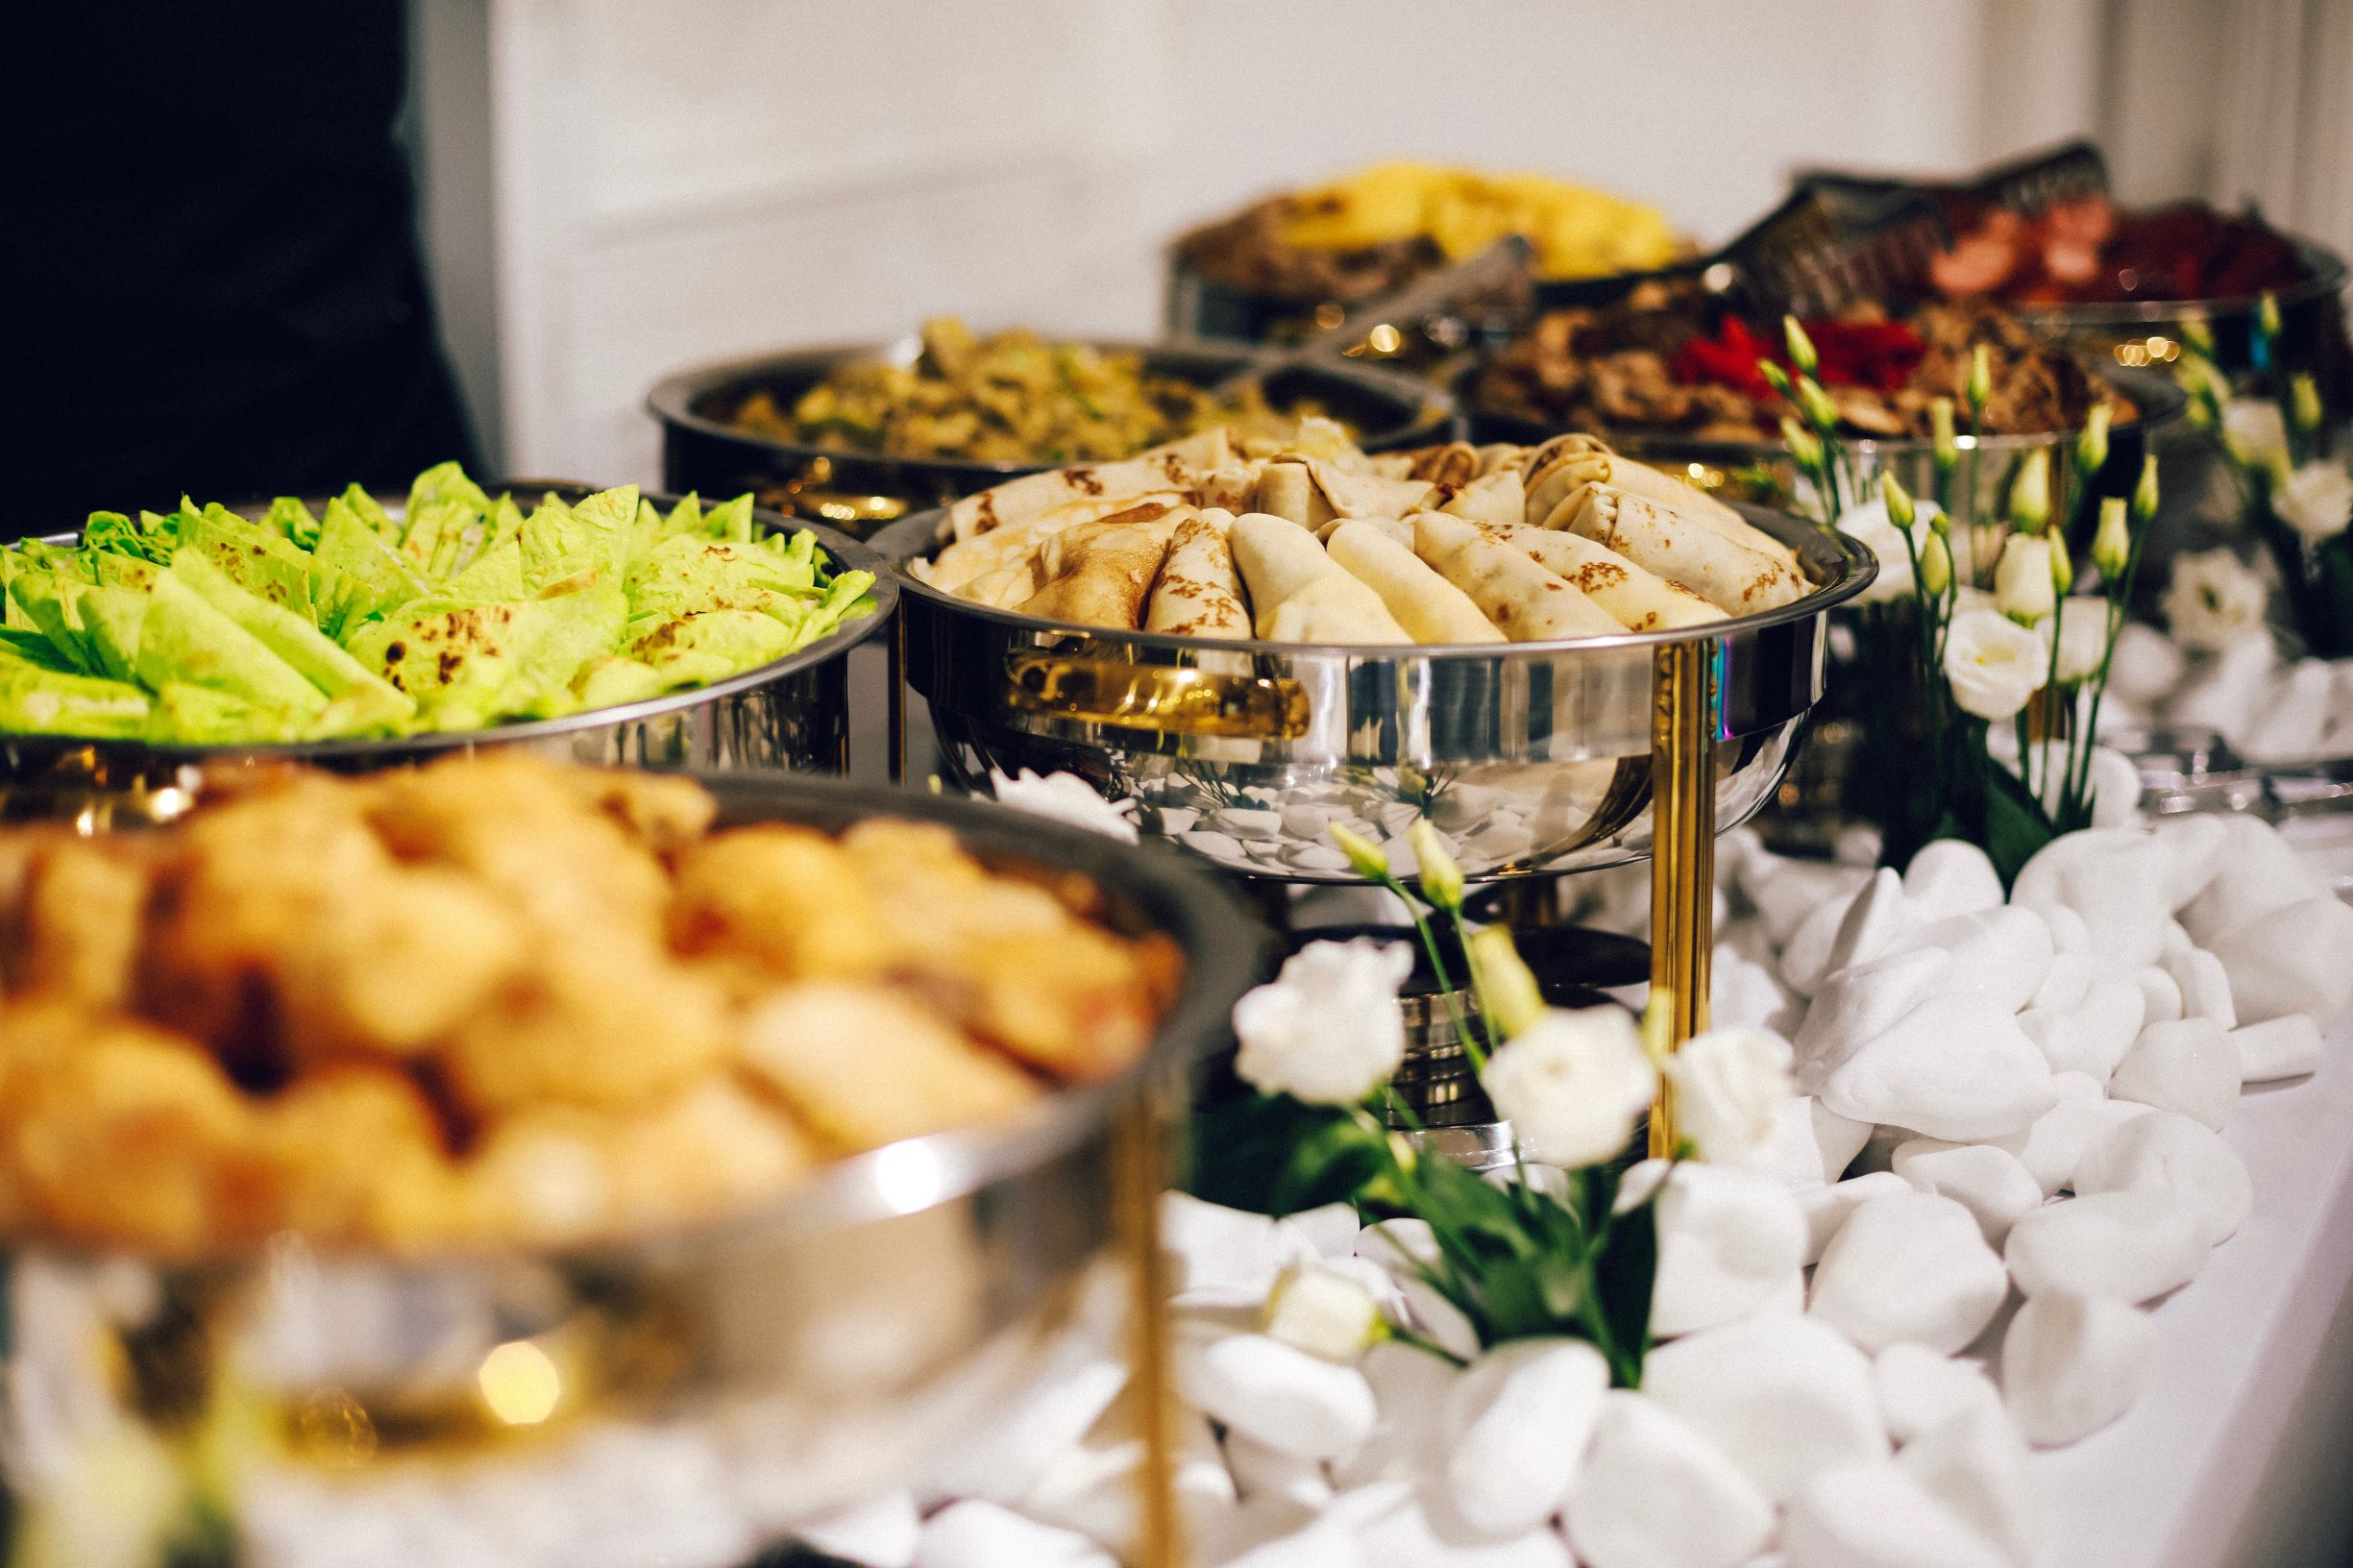 Ein Bild von Essen